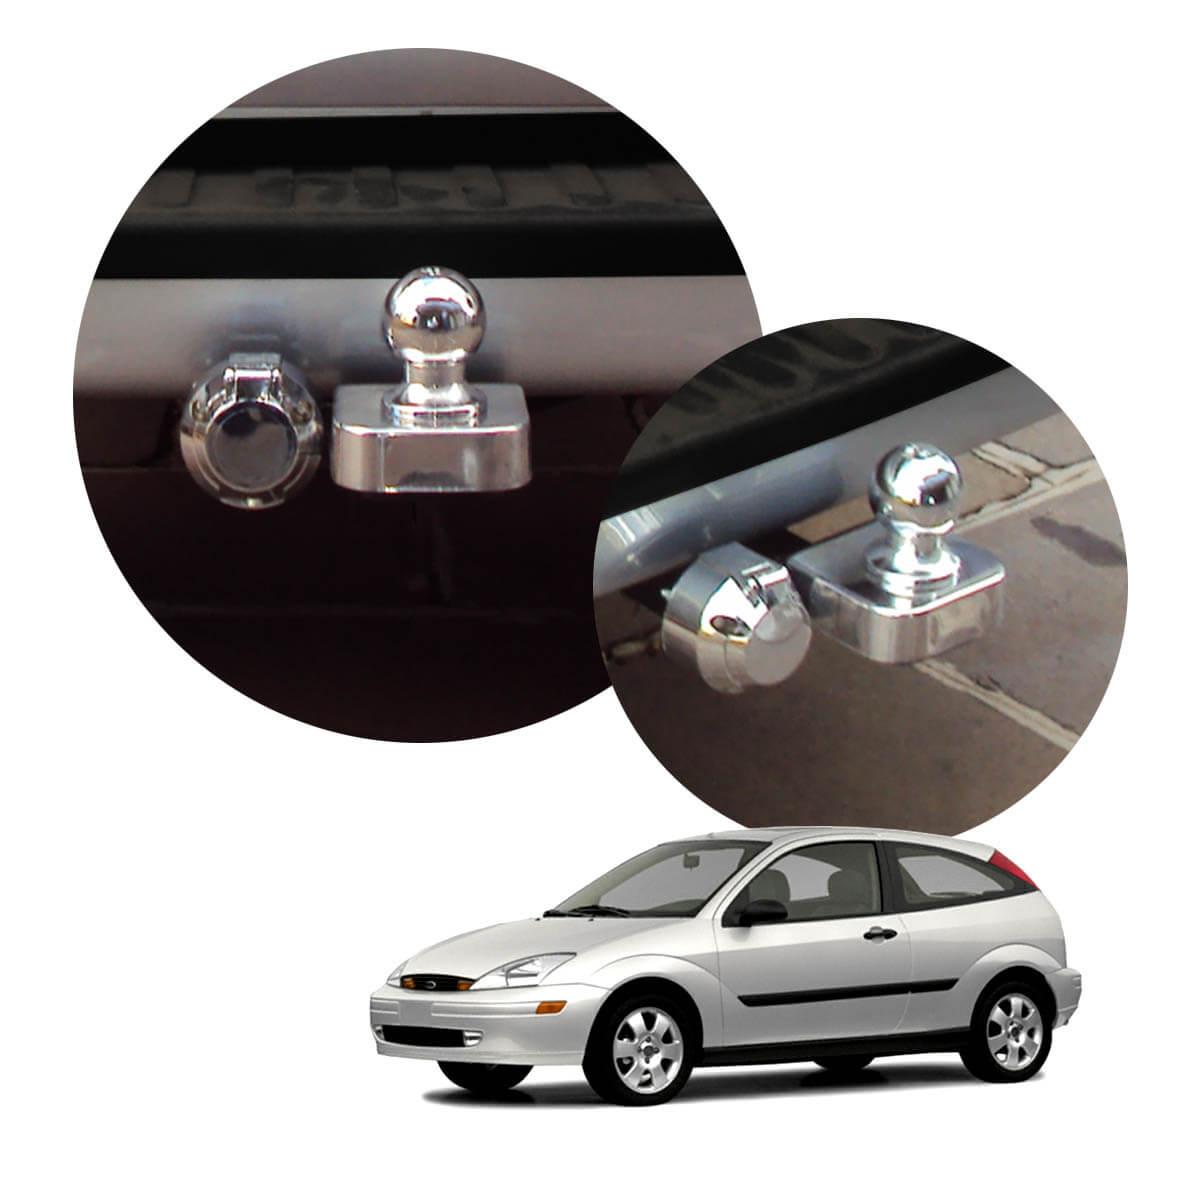 Engate de reboque fixo Focus hatch 2003 a 2008